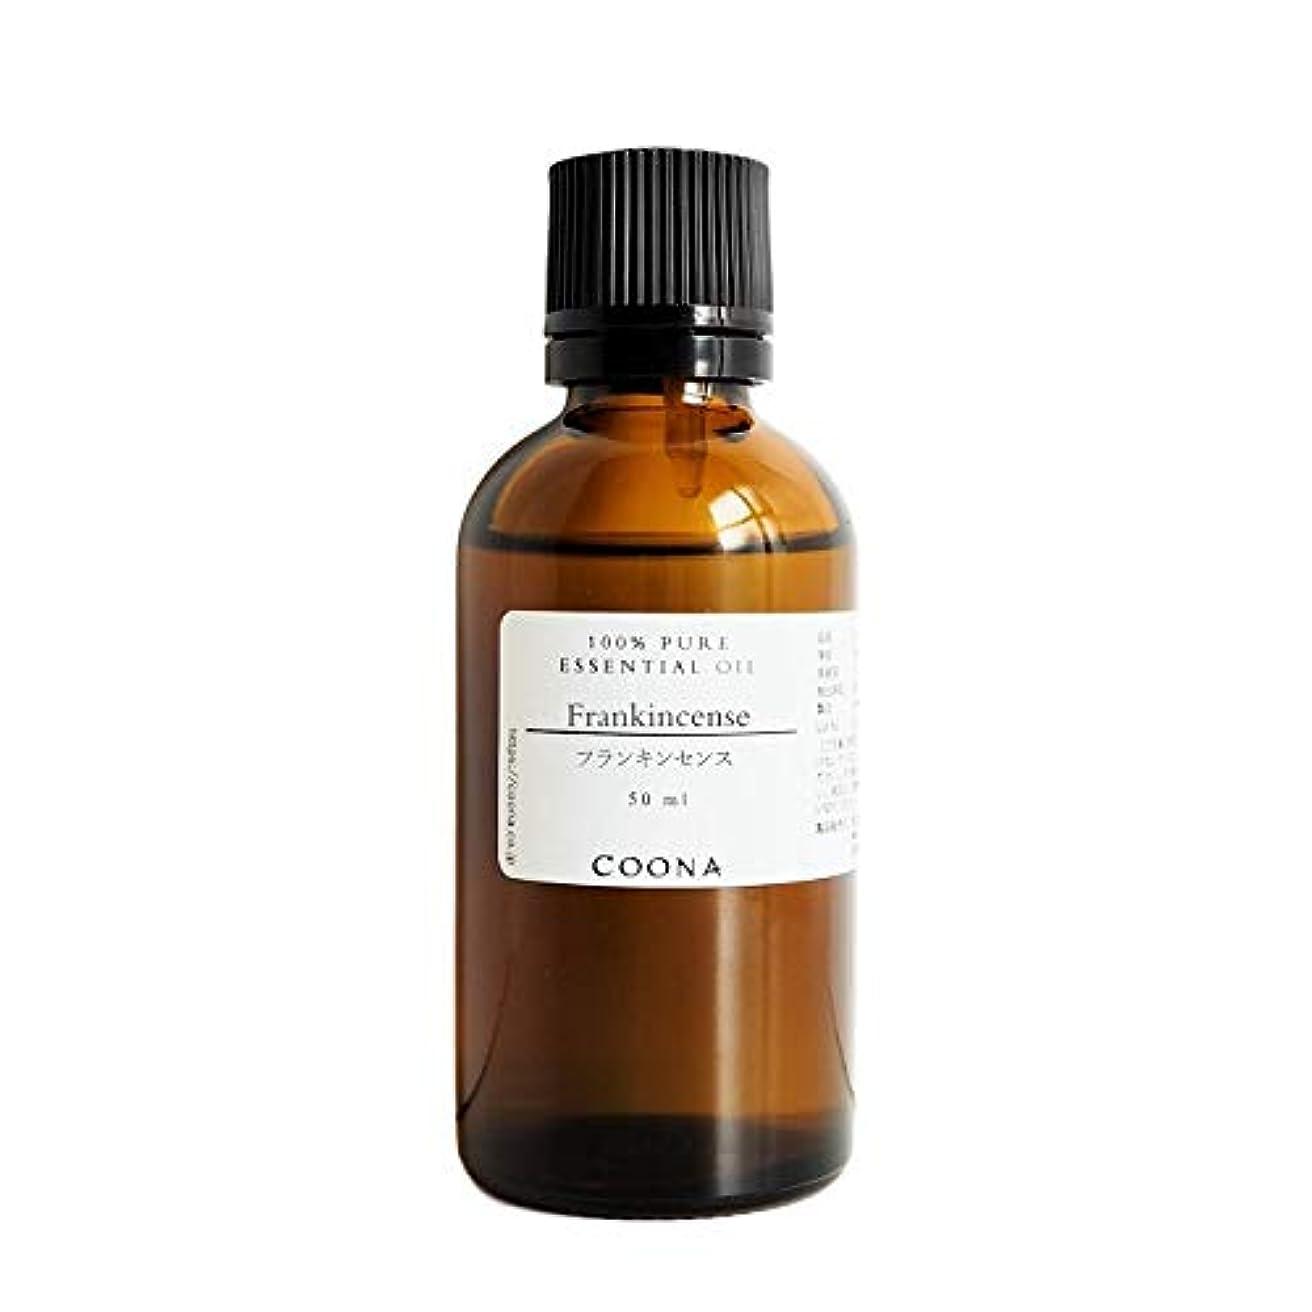 うっかり送るピースフランキンセンス 50 ml (COONA エッセンシャルオイル アロマオイル 100%天然植物精油)